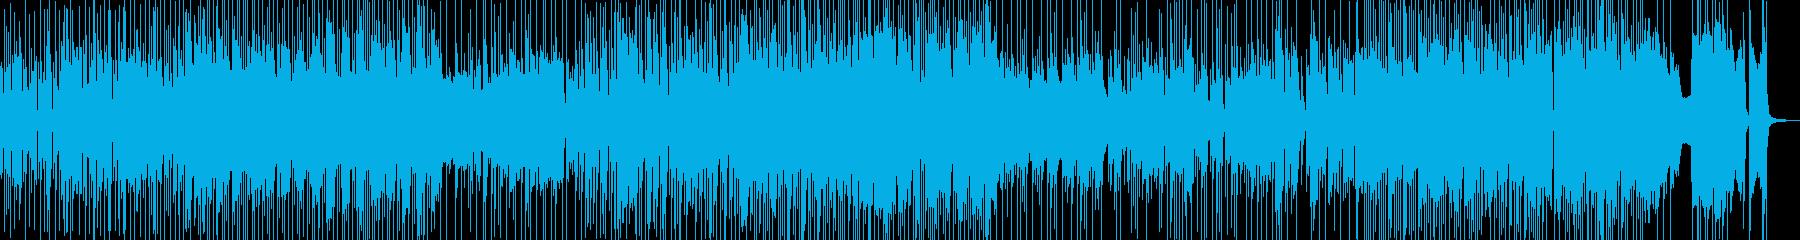 気ままドライブ・まったりしたジャズ 長尺の再生済みの波形